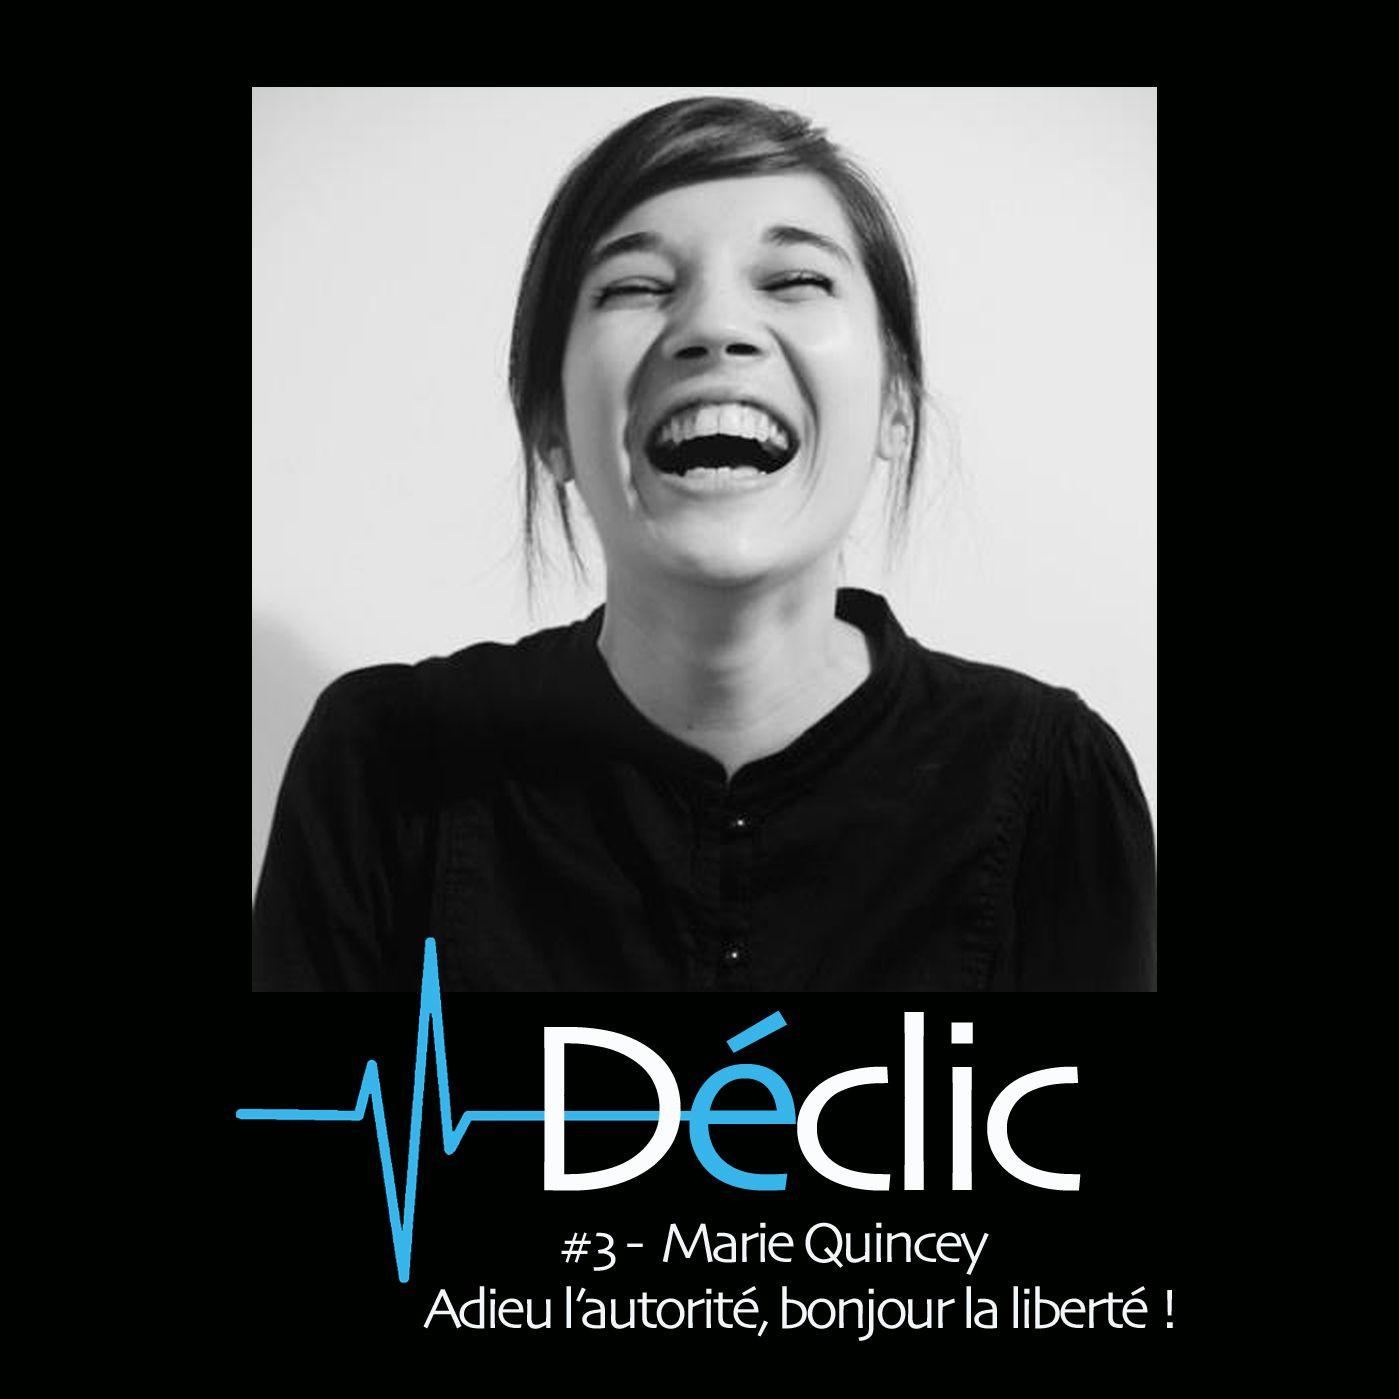 #3 : Marie Quincey - Adieu l'autorité, bonjour la liberté !